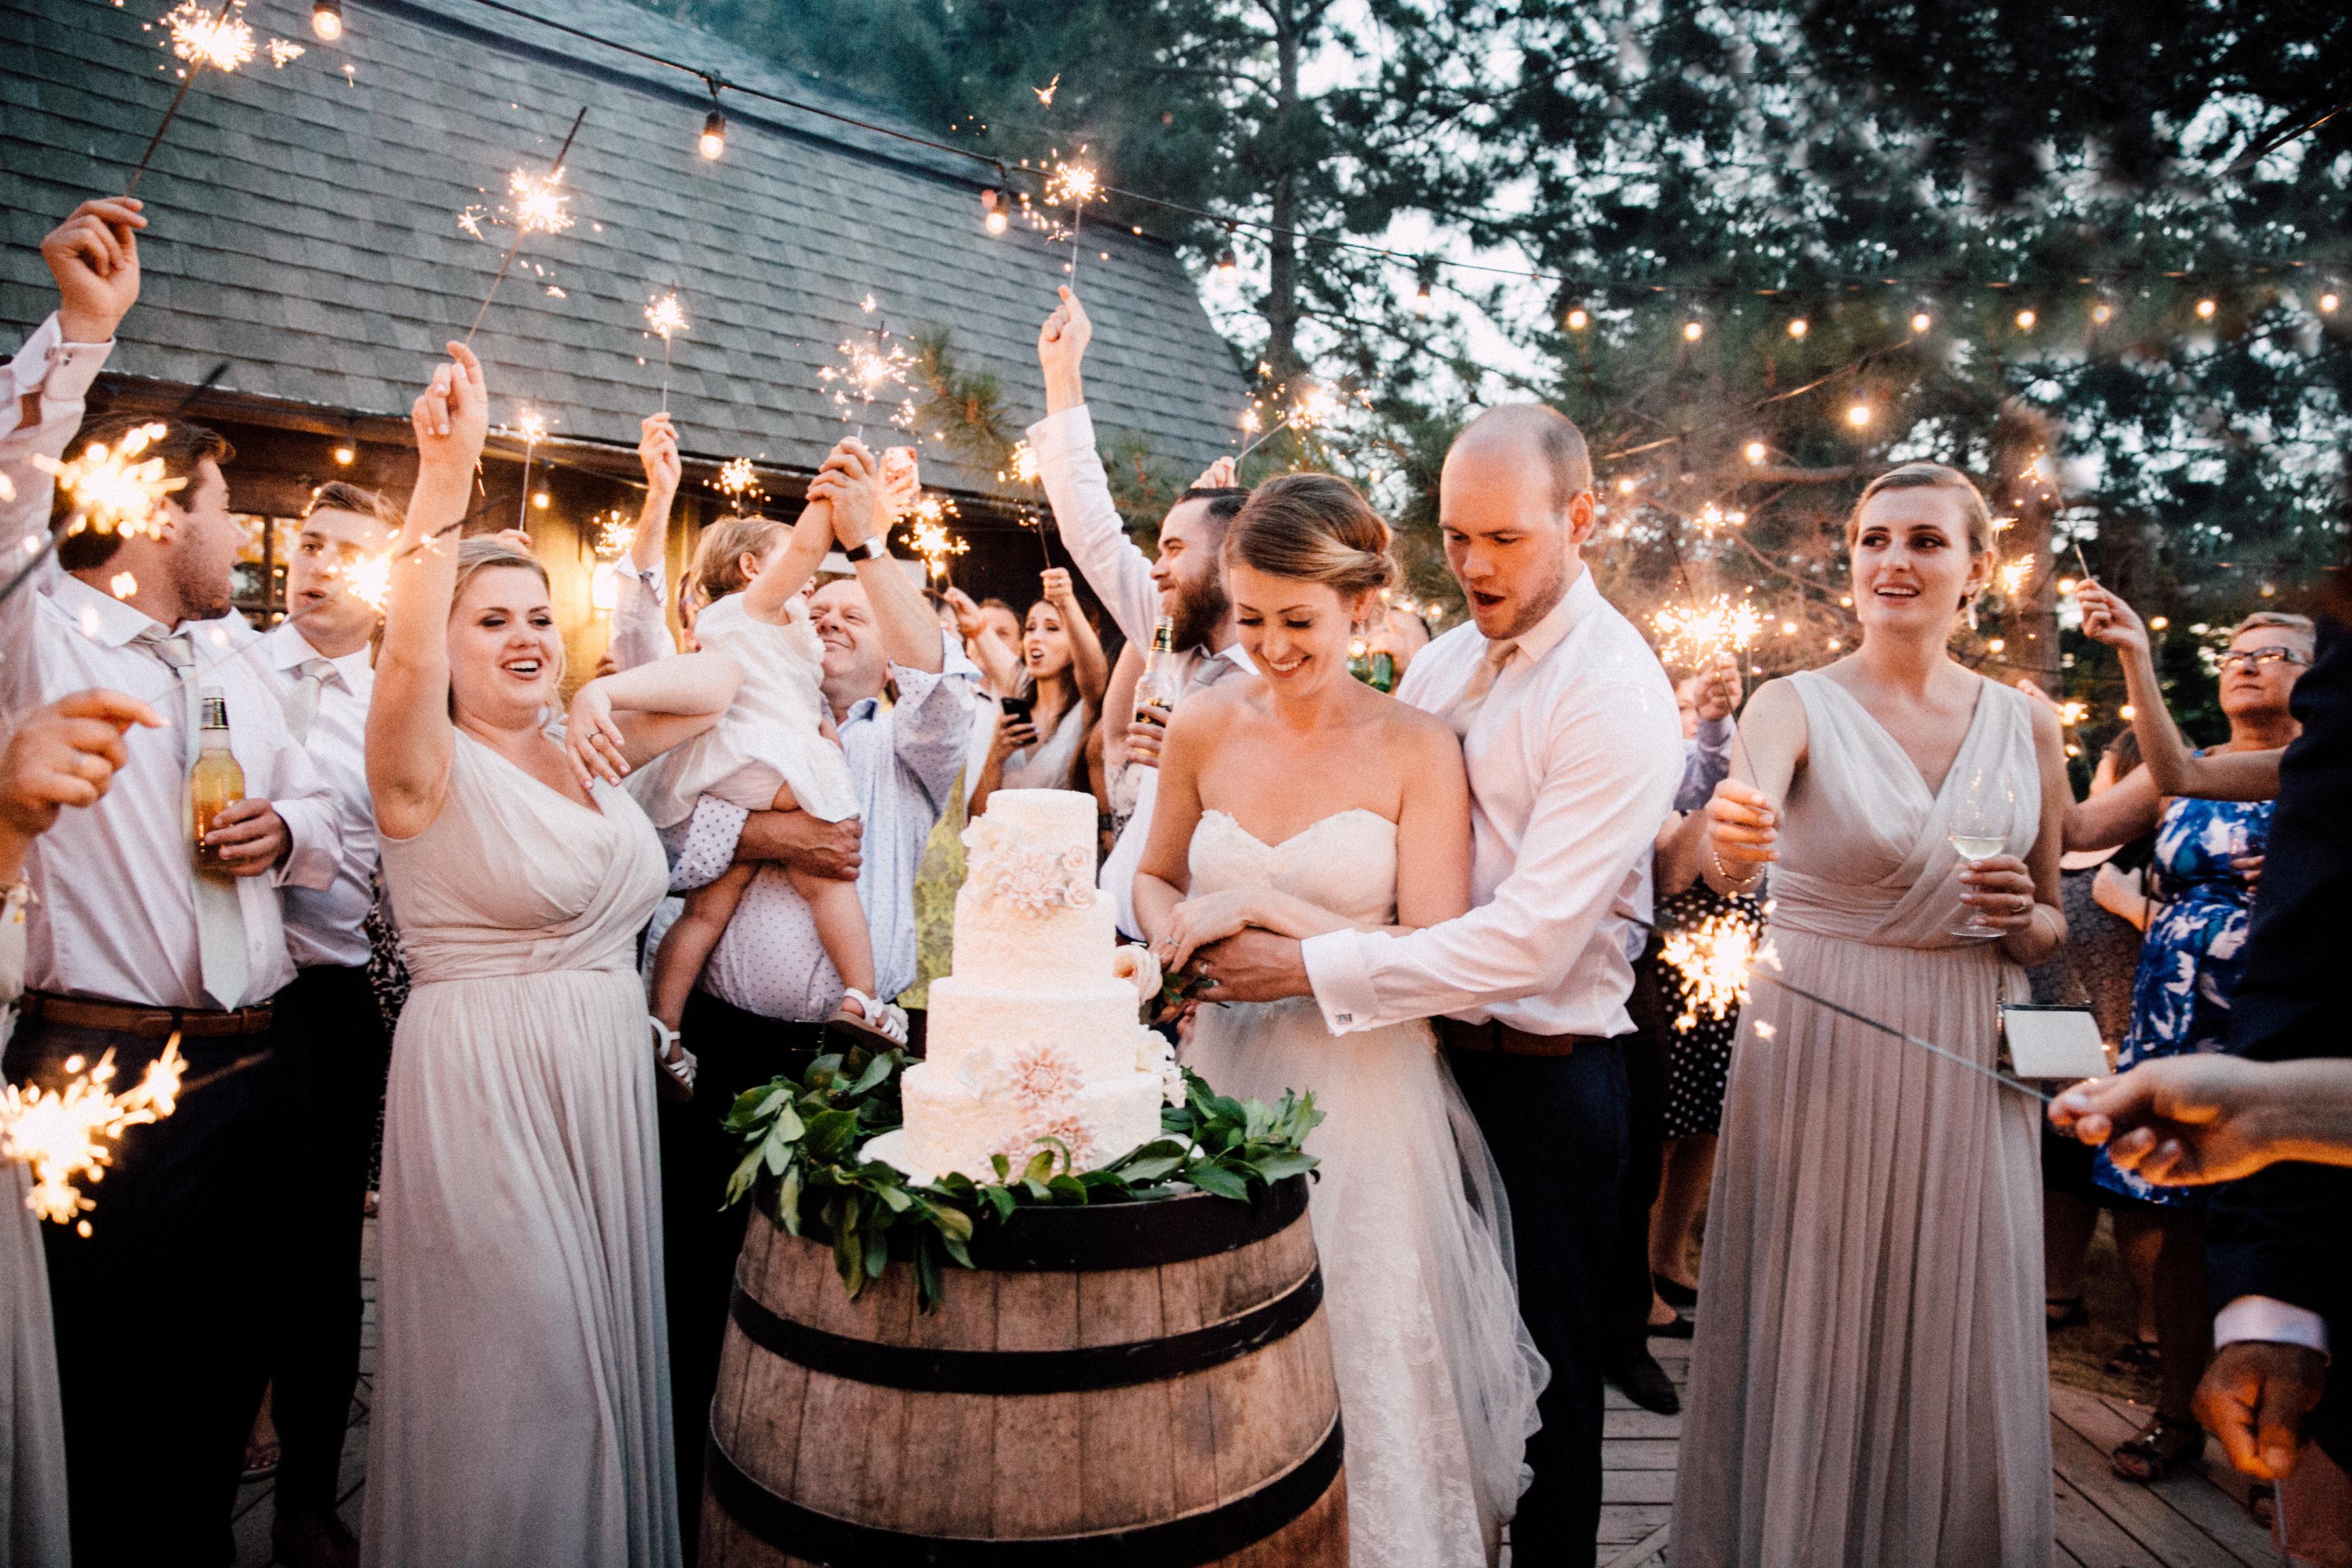 Kết quả hình ảnh cho TOP 3 Quay phim phóng sự cưới TPHCM